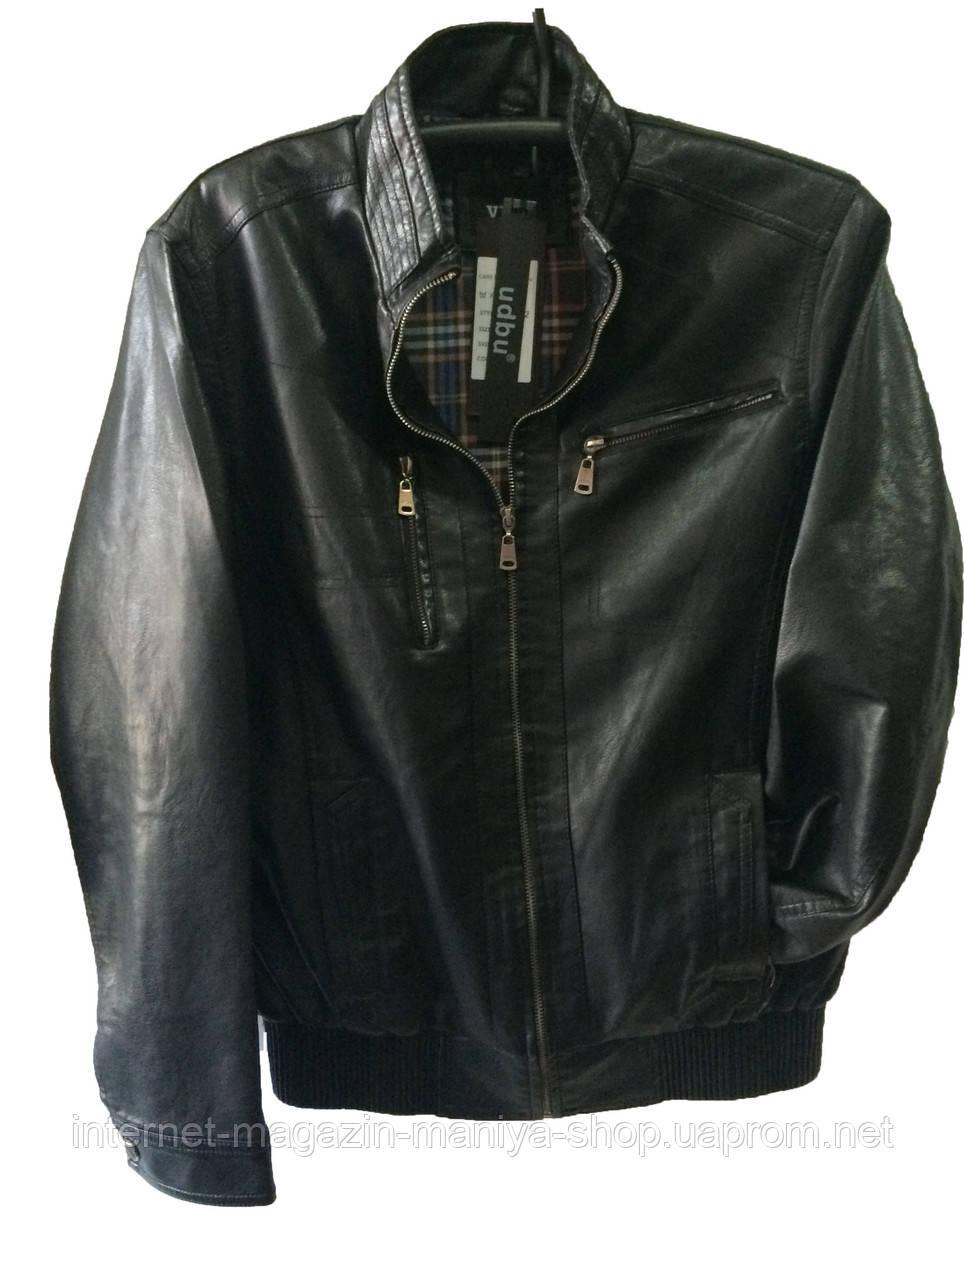 Купить Кожзам Куртку Мужскую В России Недорого